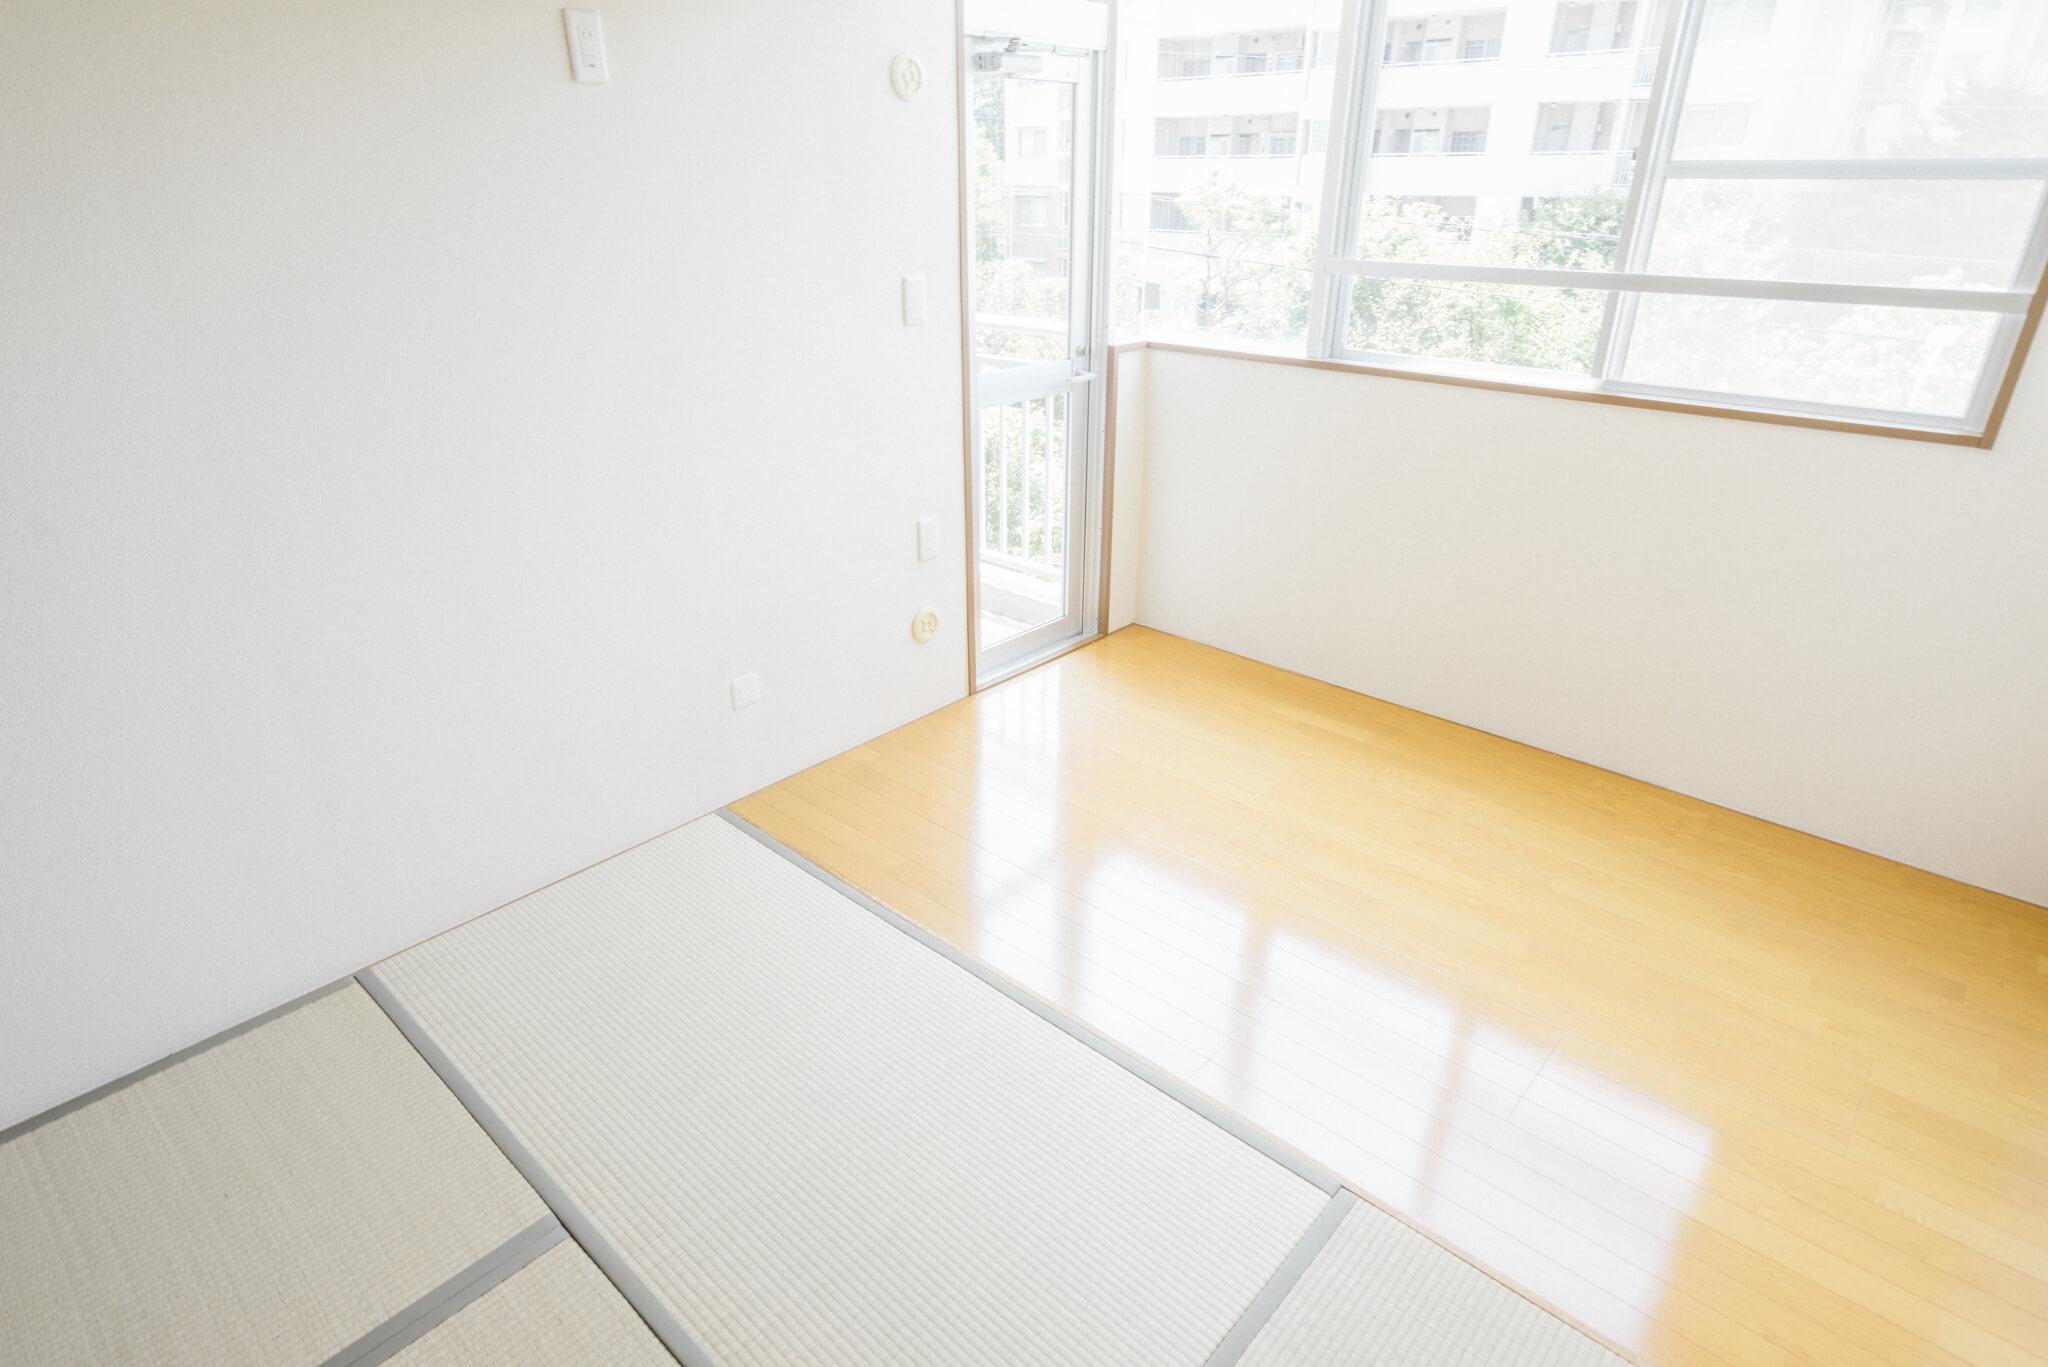 和室の奥は、ちょっとしたサンルームのようなスペースになっていました。天井がすごく高くて、明るいんです。